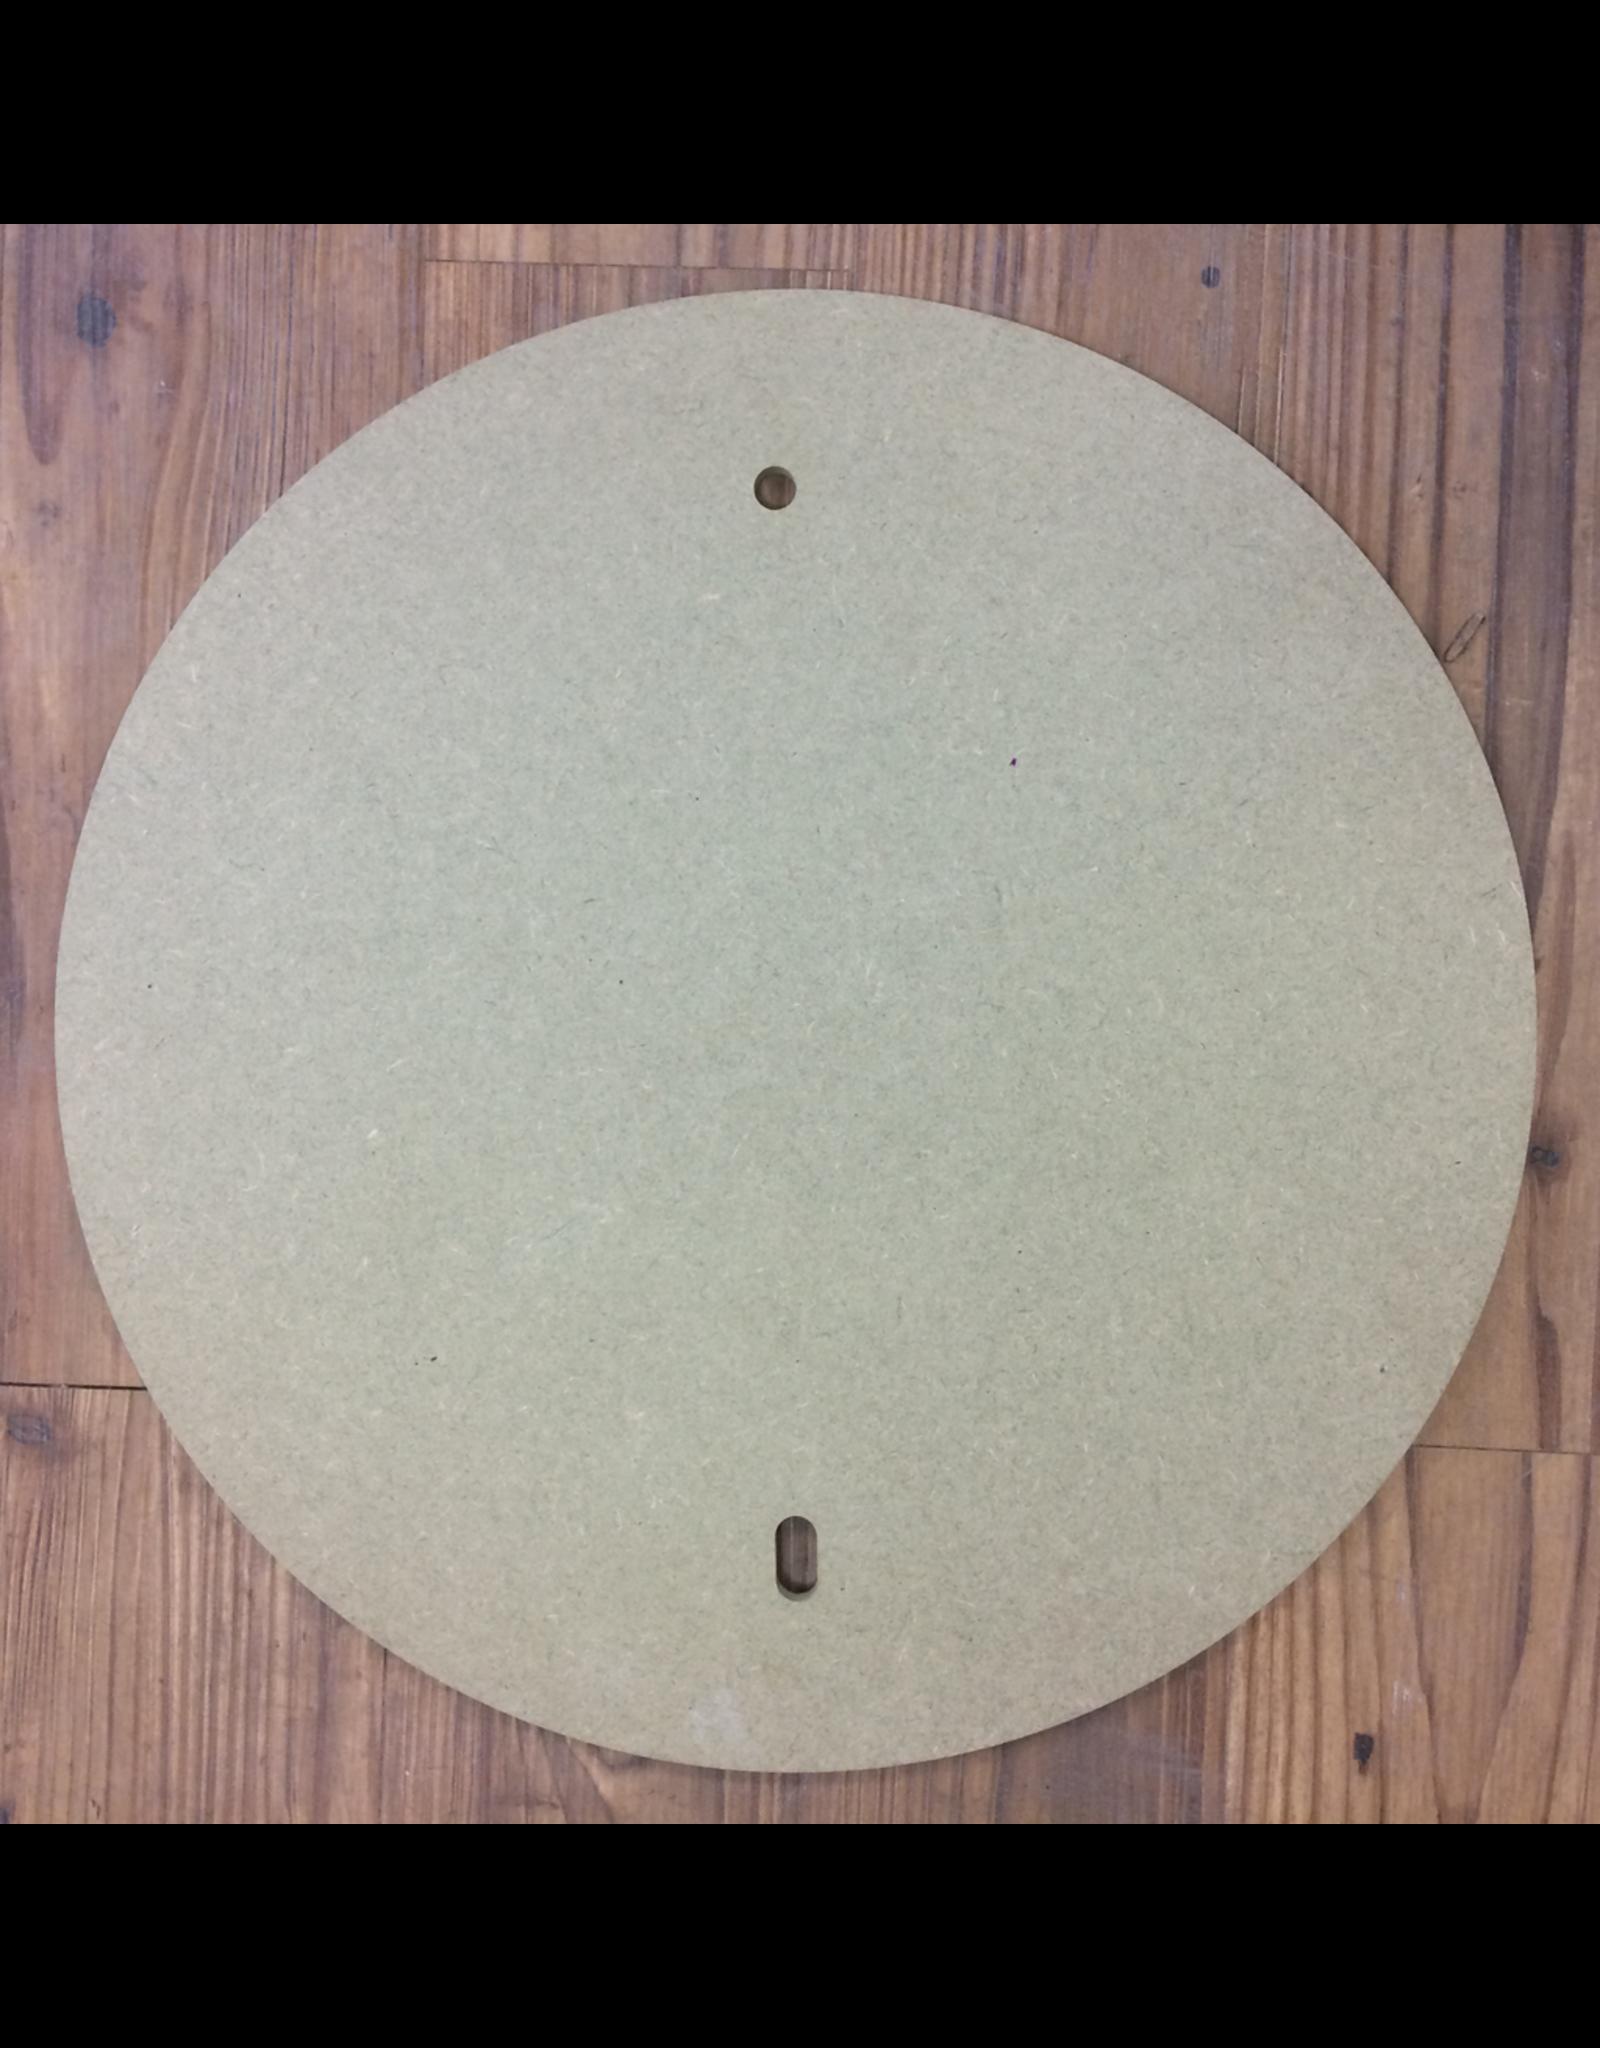 30cm Pre drilled Round MDF Batt